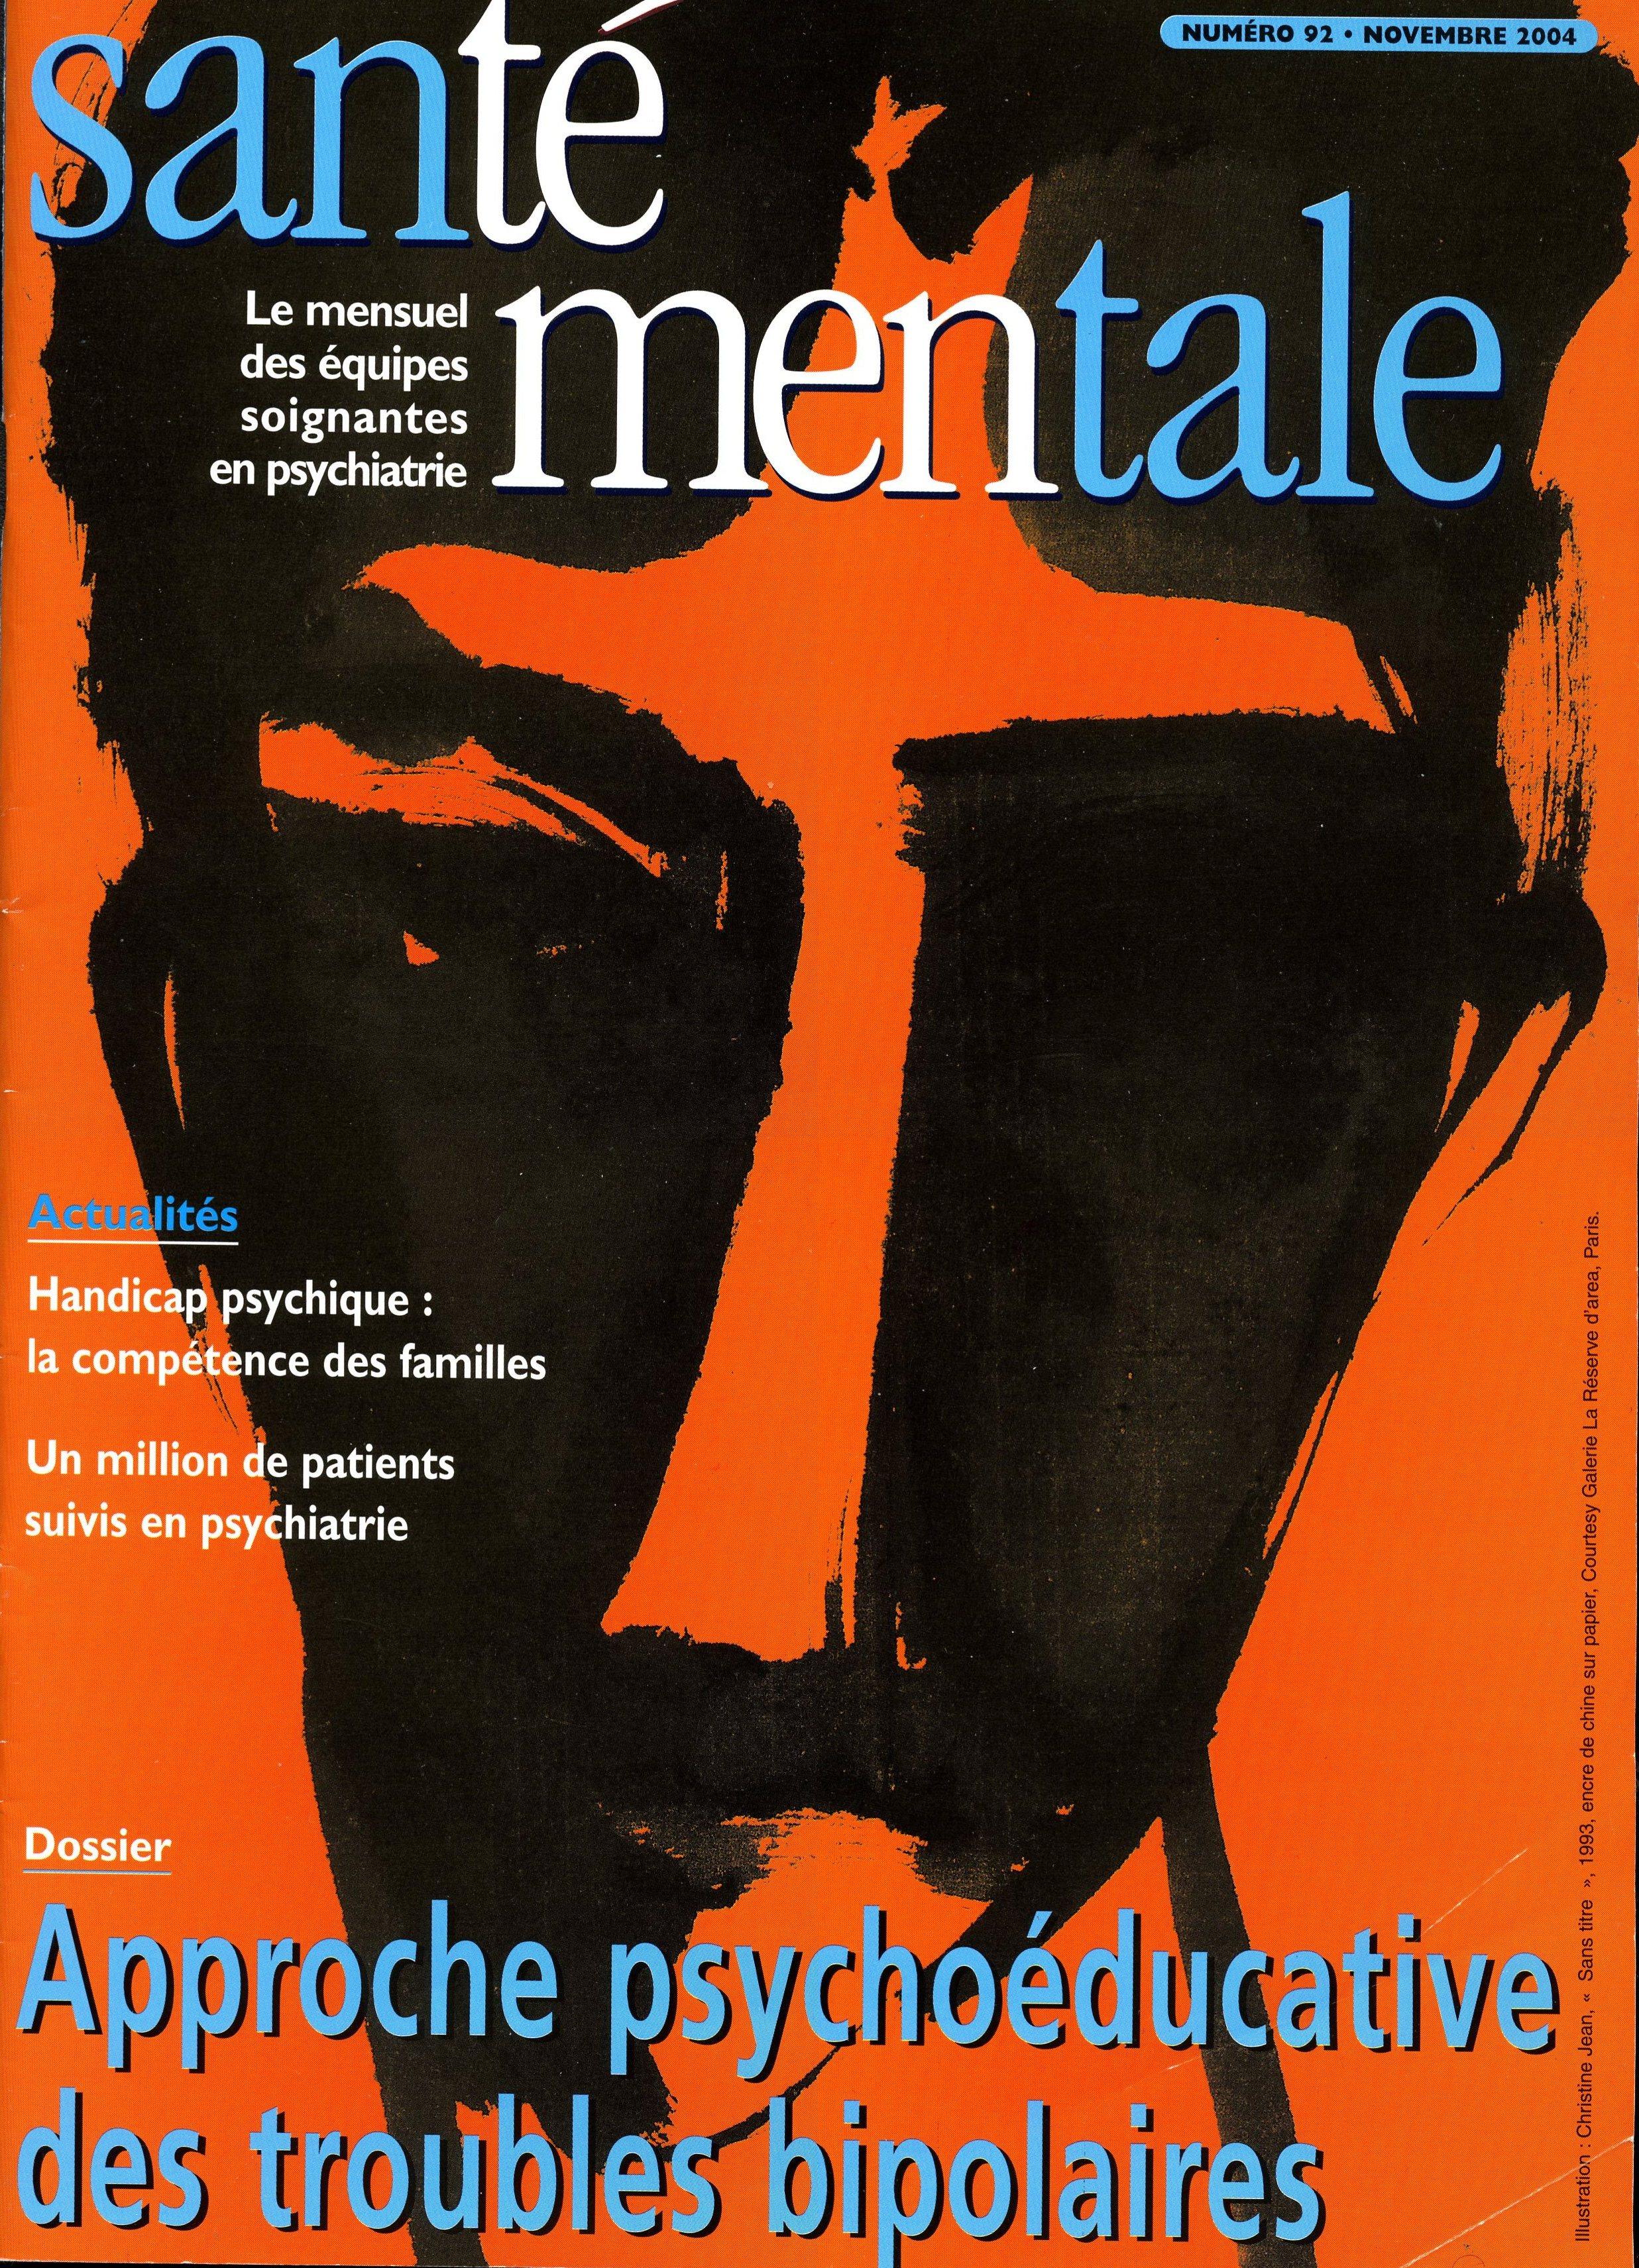 Couverture N°92 Novembre 2004